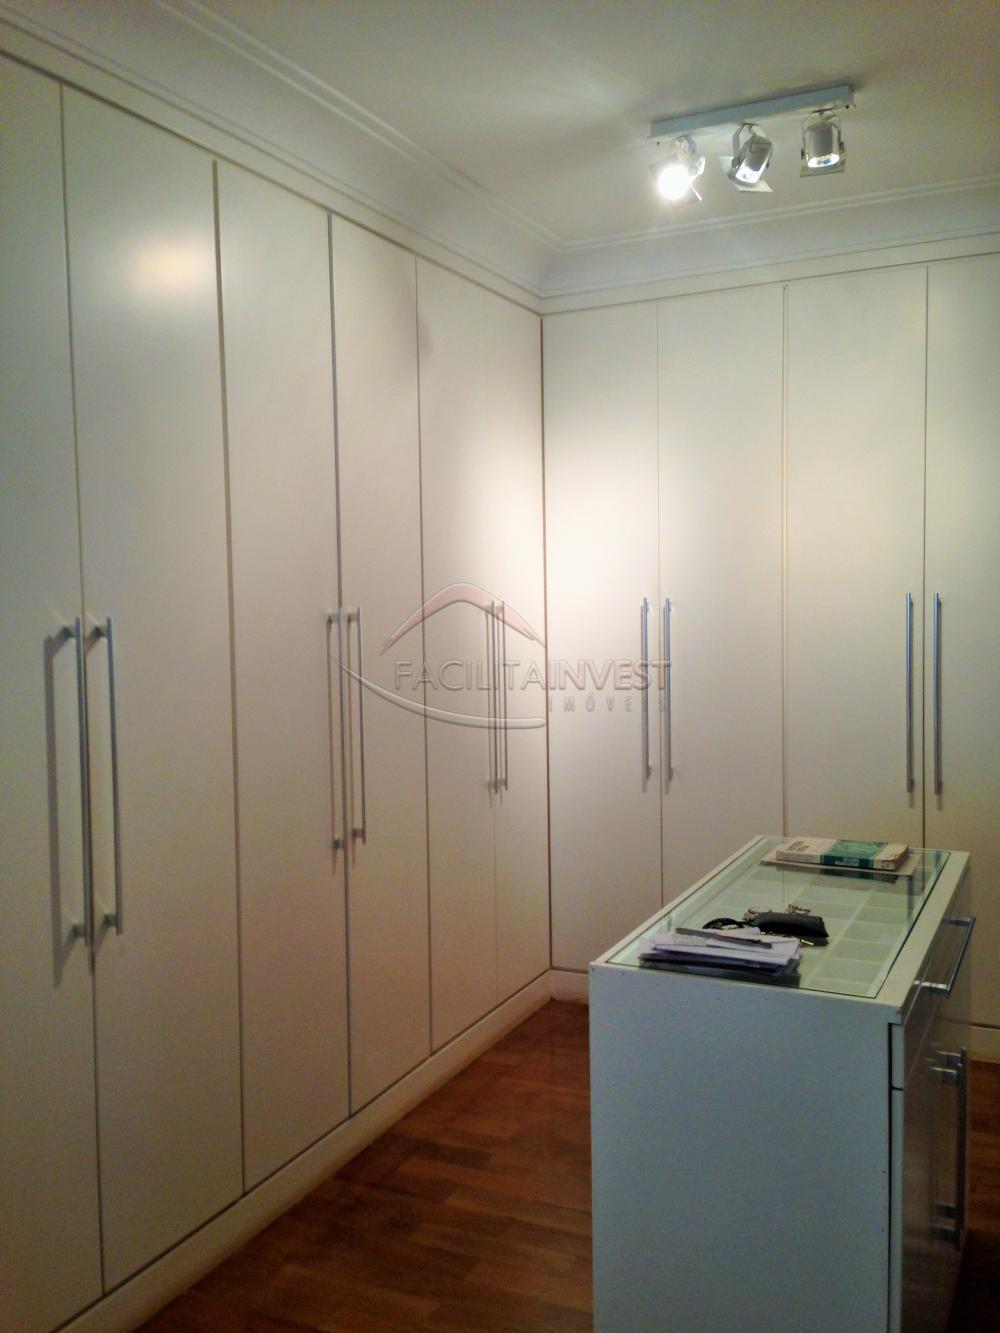 Alugar Apartamentos / Cobertura em Ribeirão Preto apenas R$ 11.000,00 - Foto 22